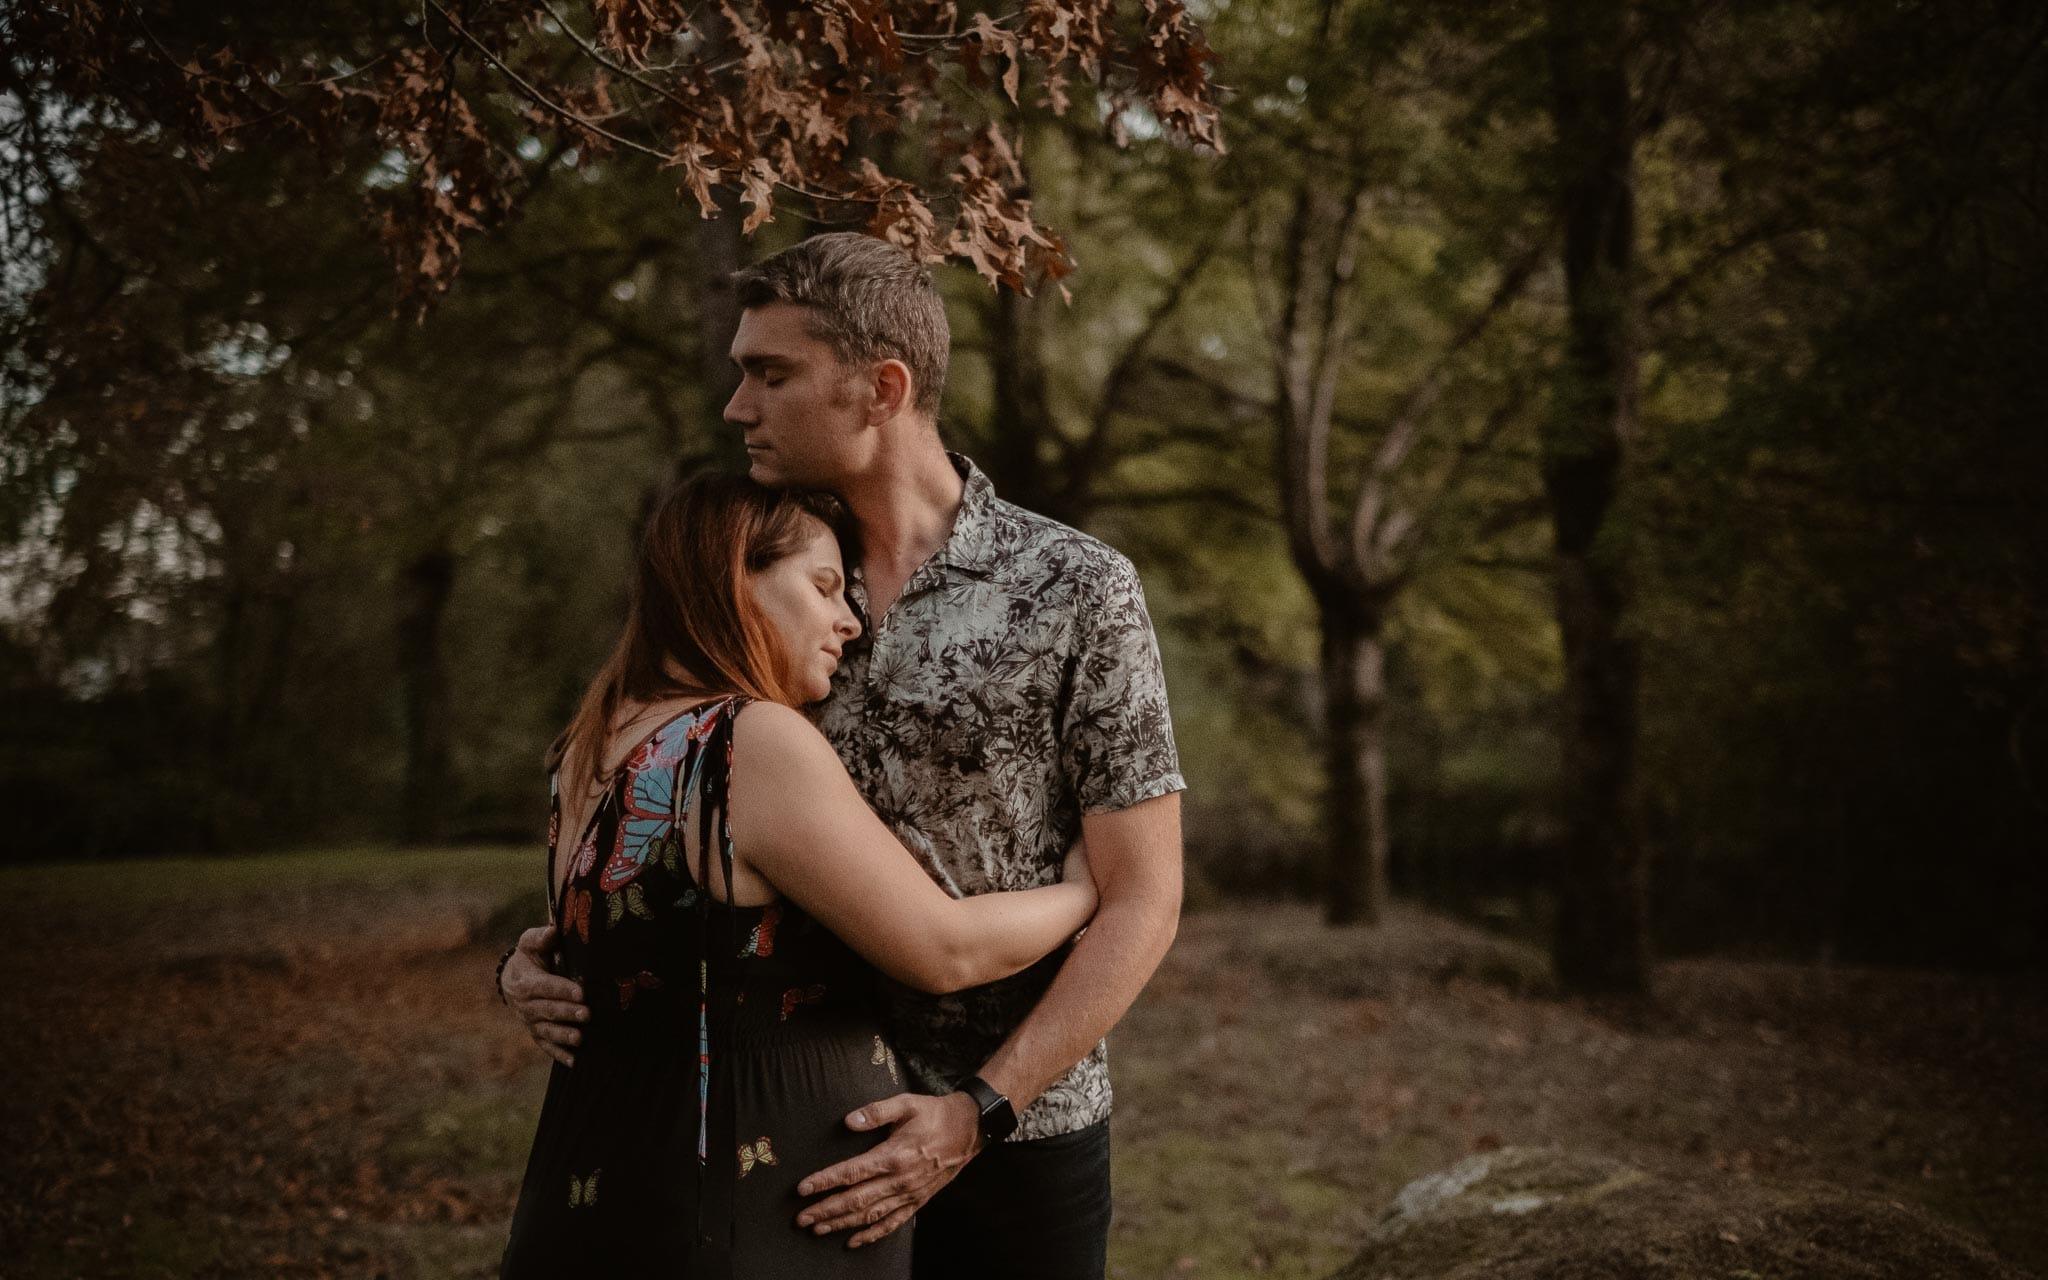 Séance couple femme enceinte en extérieur, à l'ambiance poétique, dans la forêt et au bord de l'eau par Geoffrey Arnoldy photographe